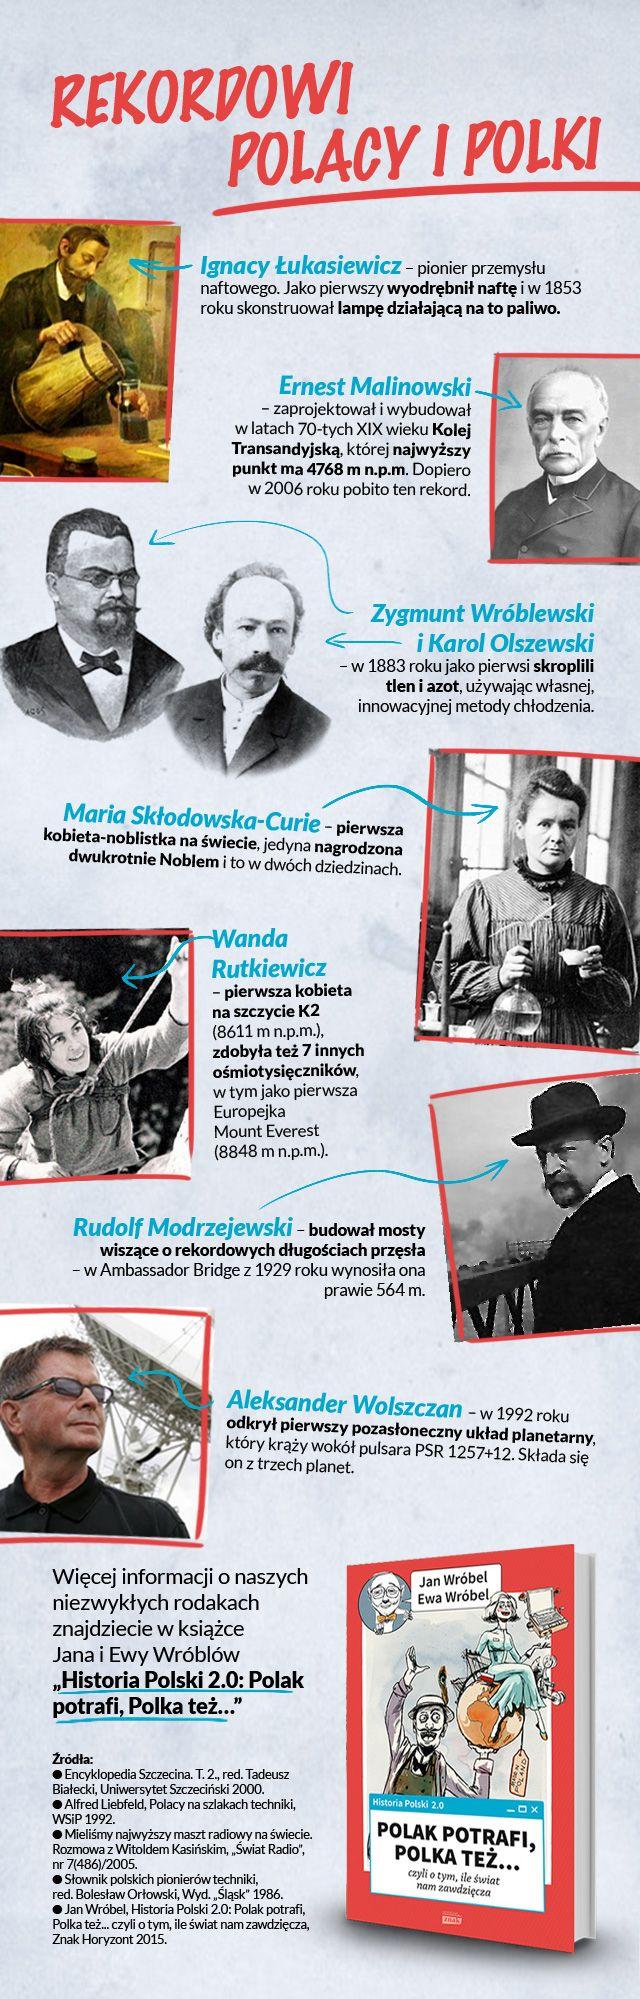 Rekordowi Polacy i Polki - infografika